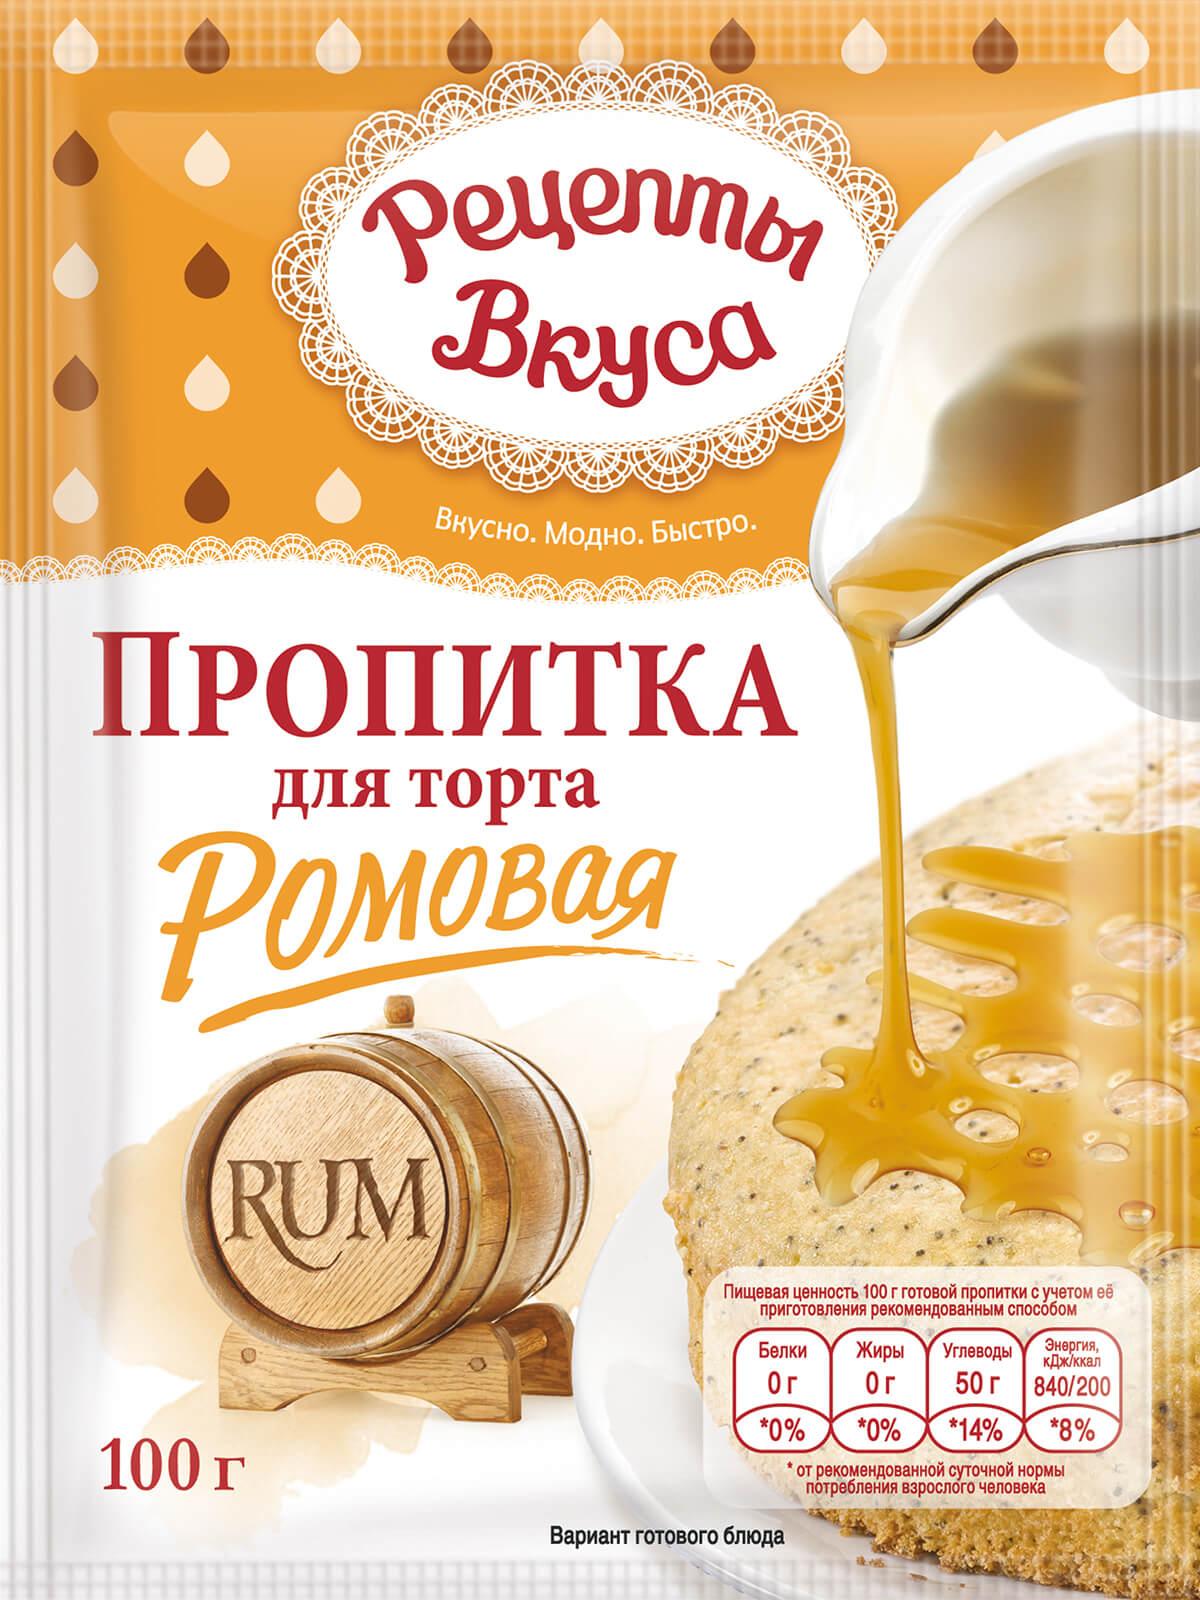 Пропитка для торта Ромовая Рецепты Вкуса 100г.